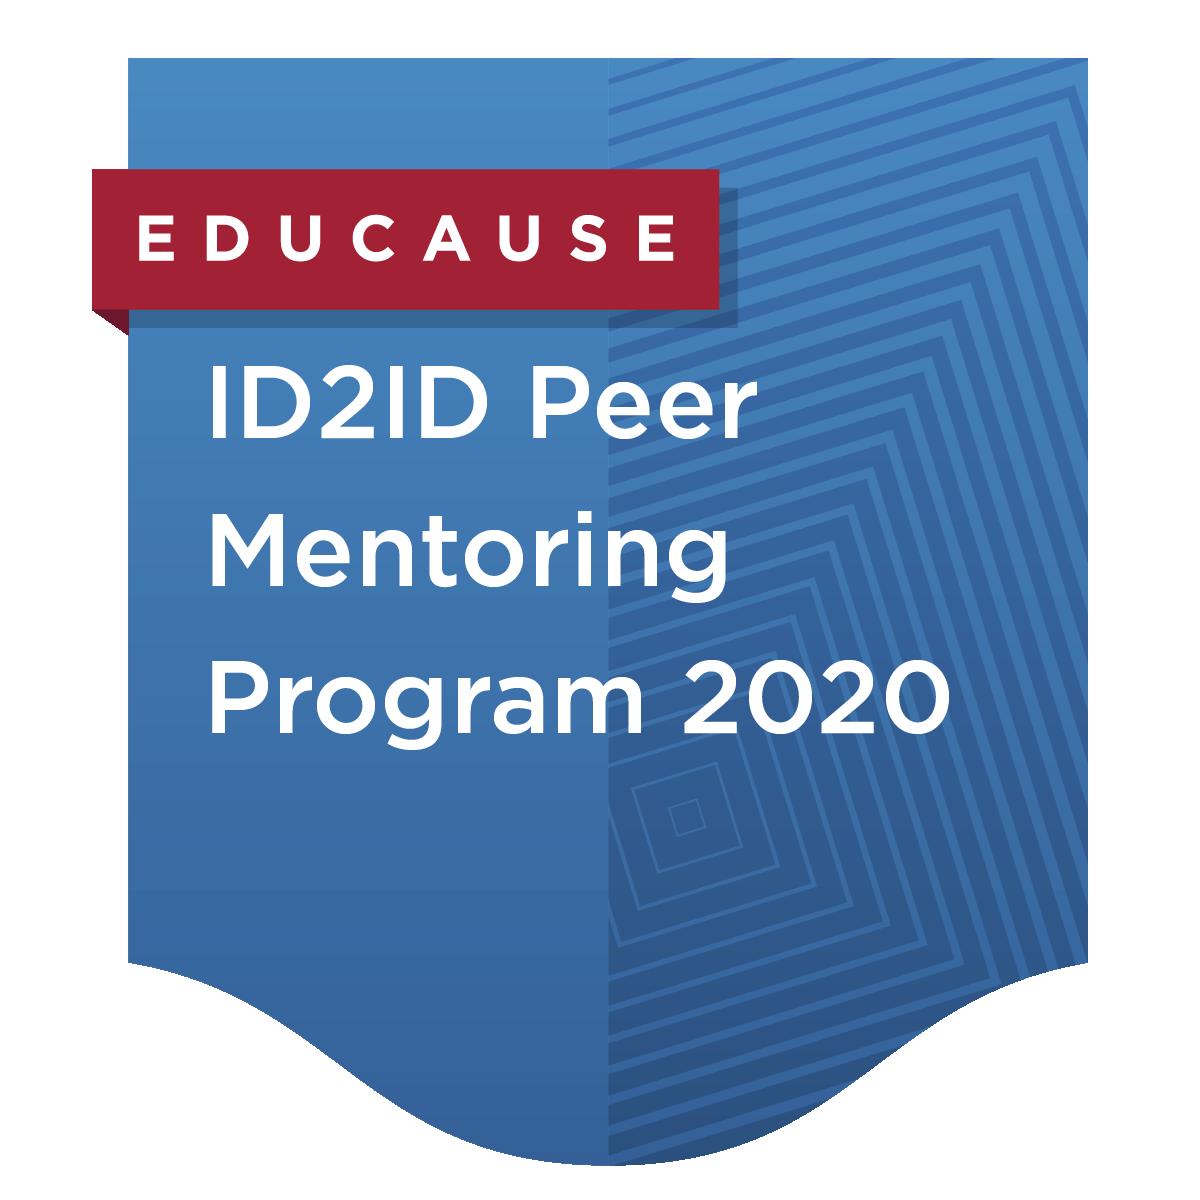 ID2ID Peer Mentoring Program 2020